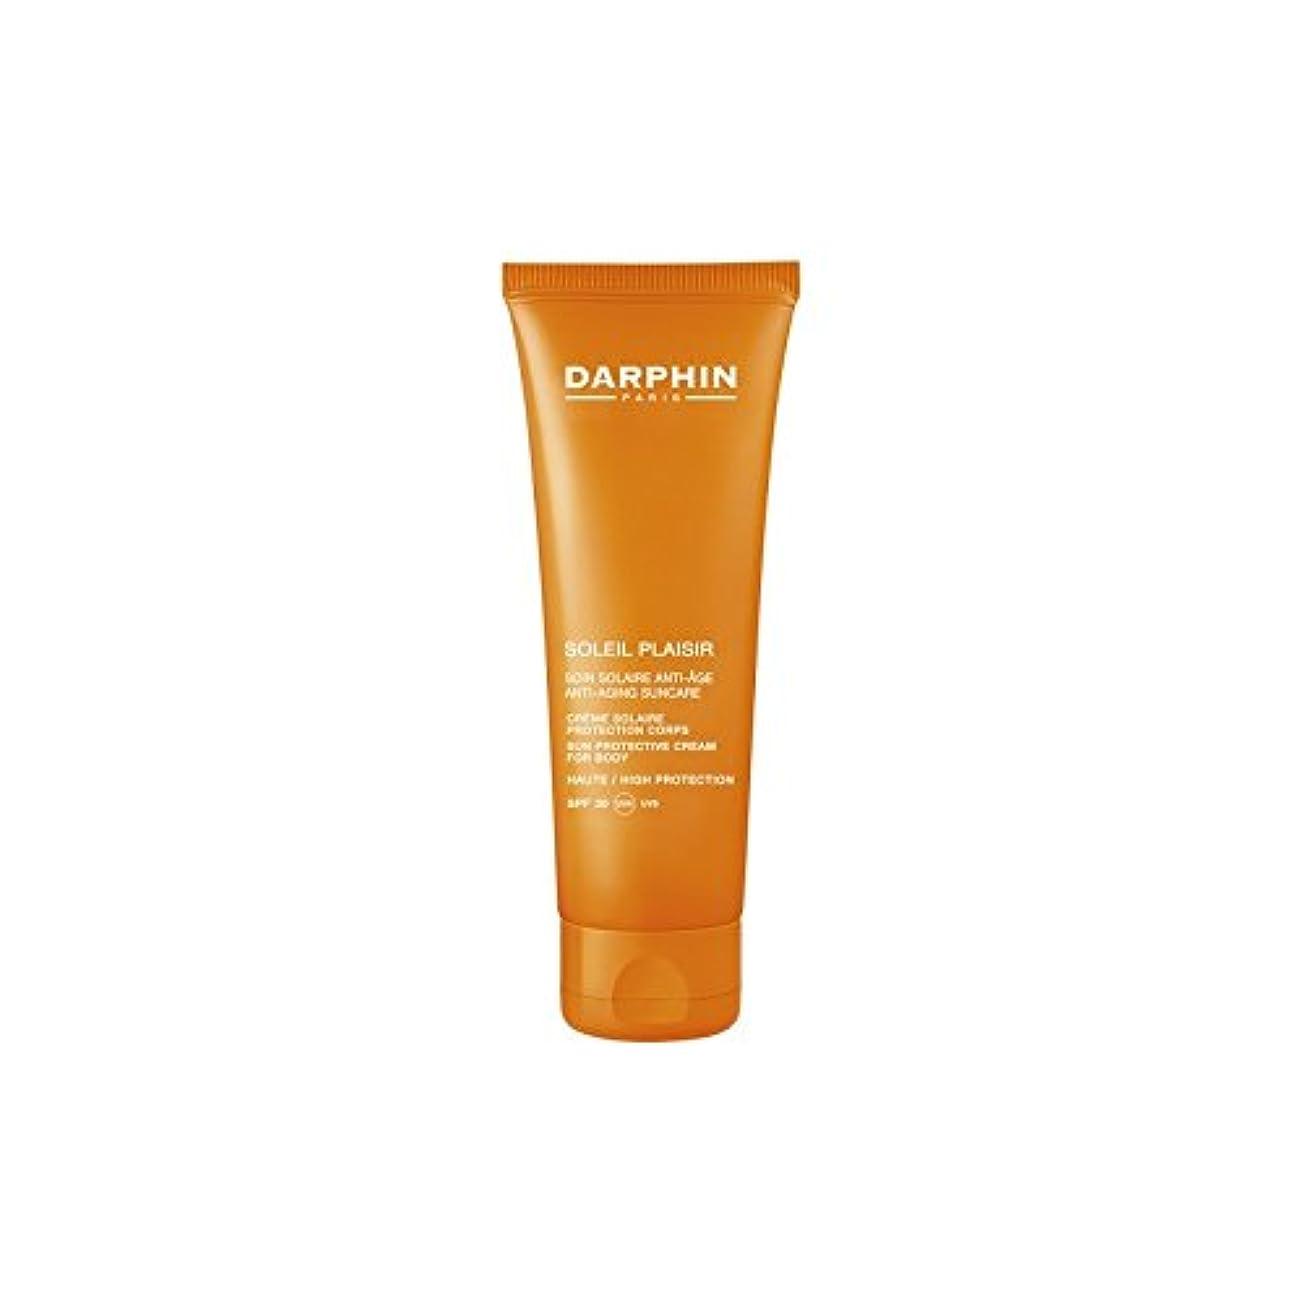 バー同性愛者矛盾するDarphin Soleil Plaisir Body Cream (Pack of 6) - ダルファンソレイユプレジールボディクリーム x6 [並行輸入品]